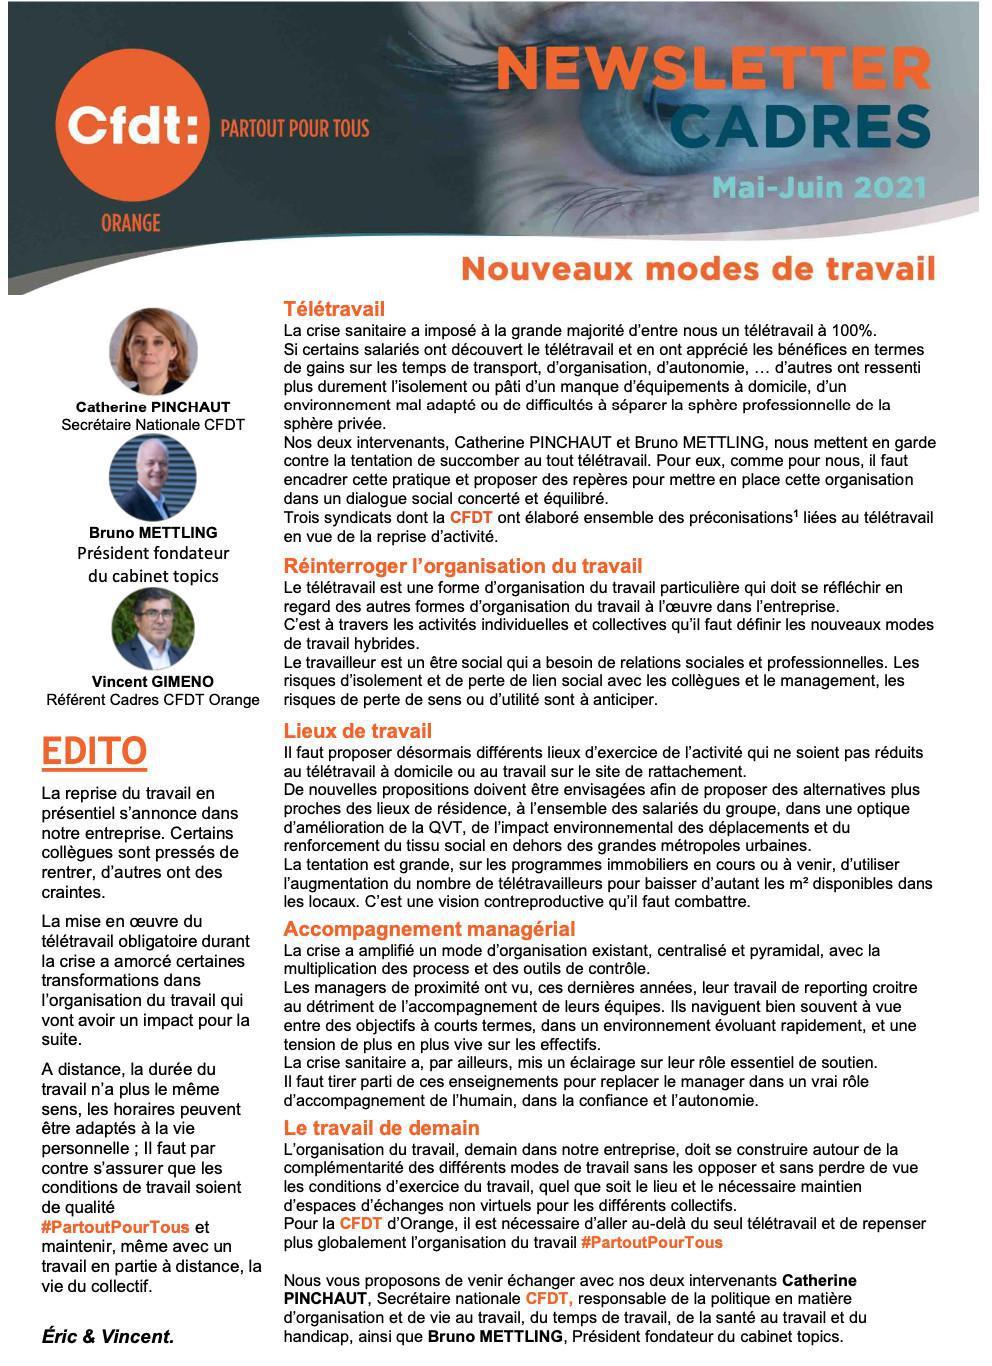 Newsletter Cadres : nouveaux modes de travail - Mai-Juin 2021